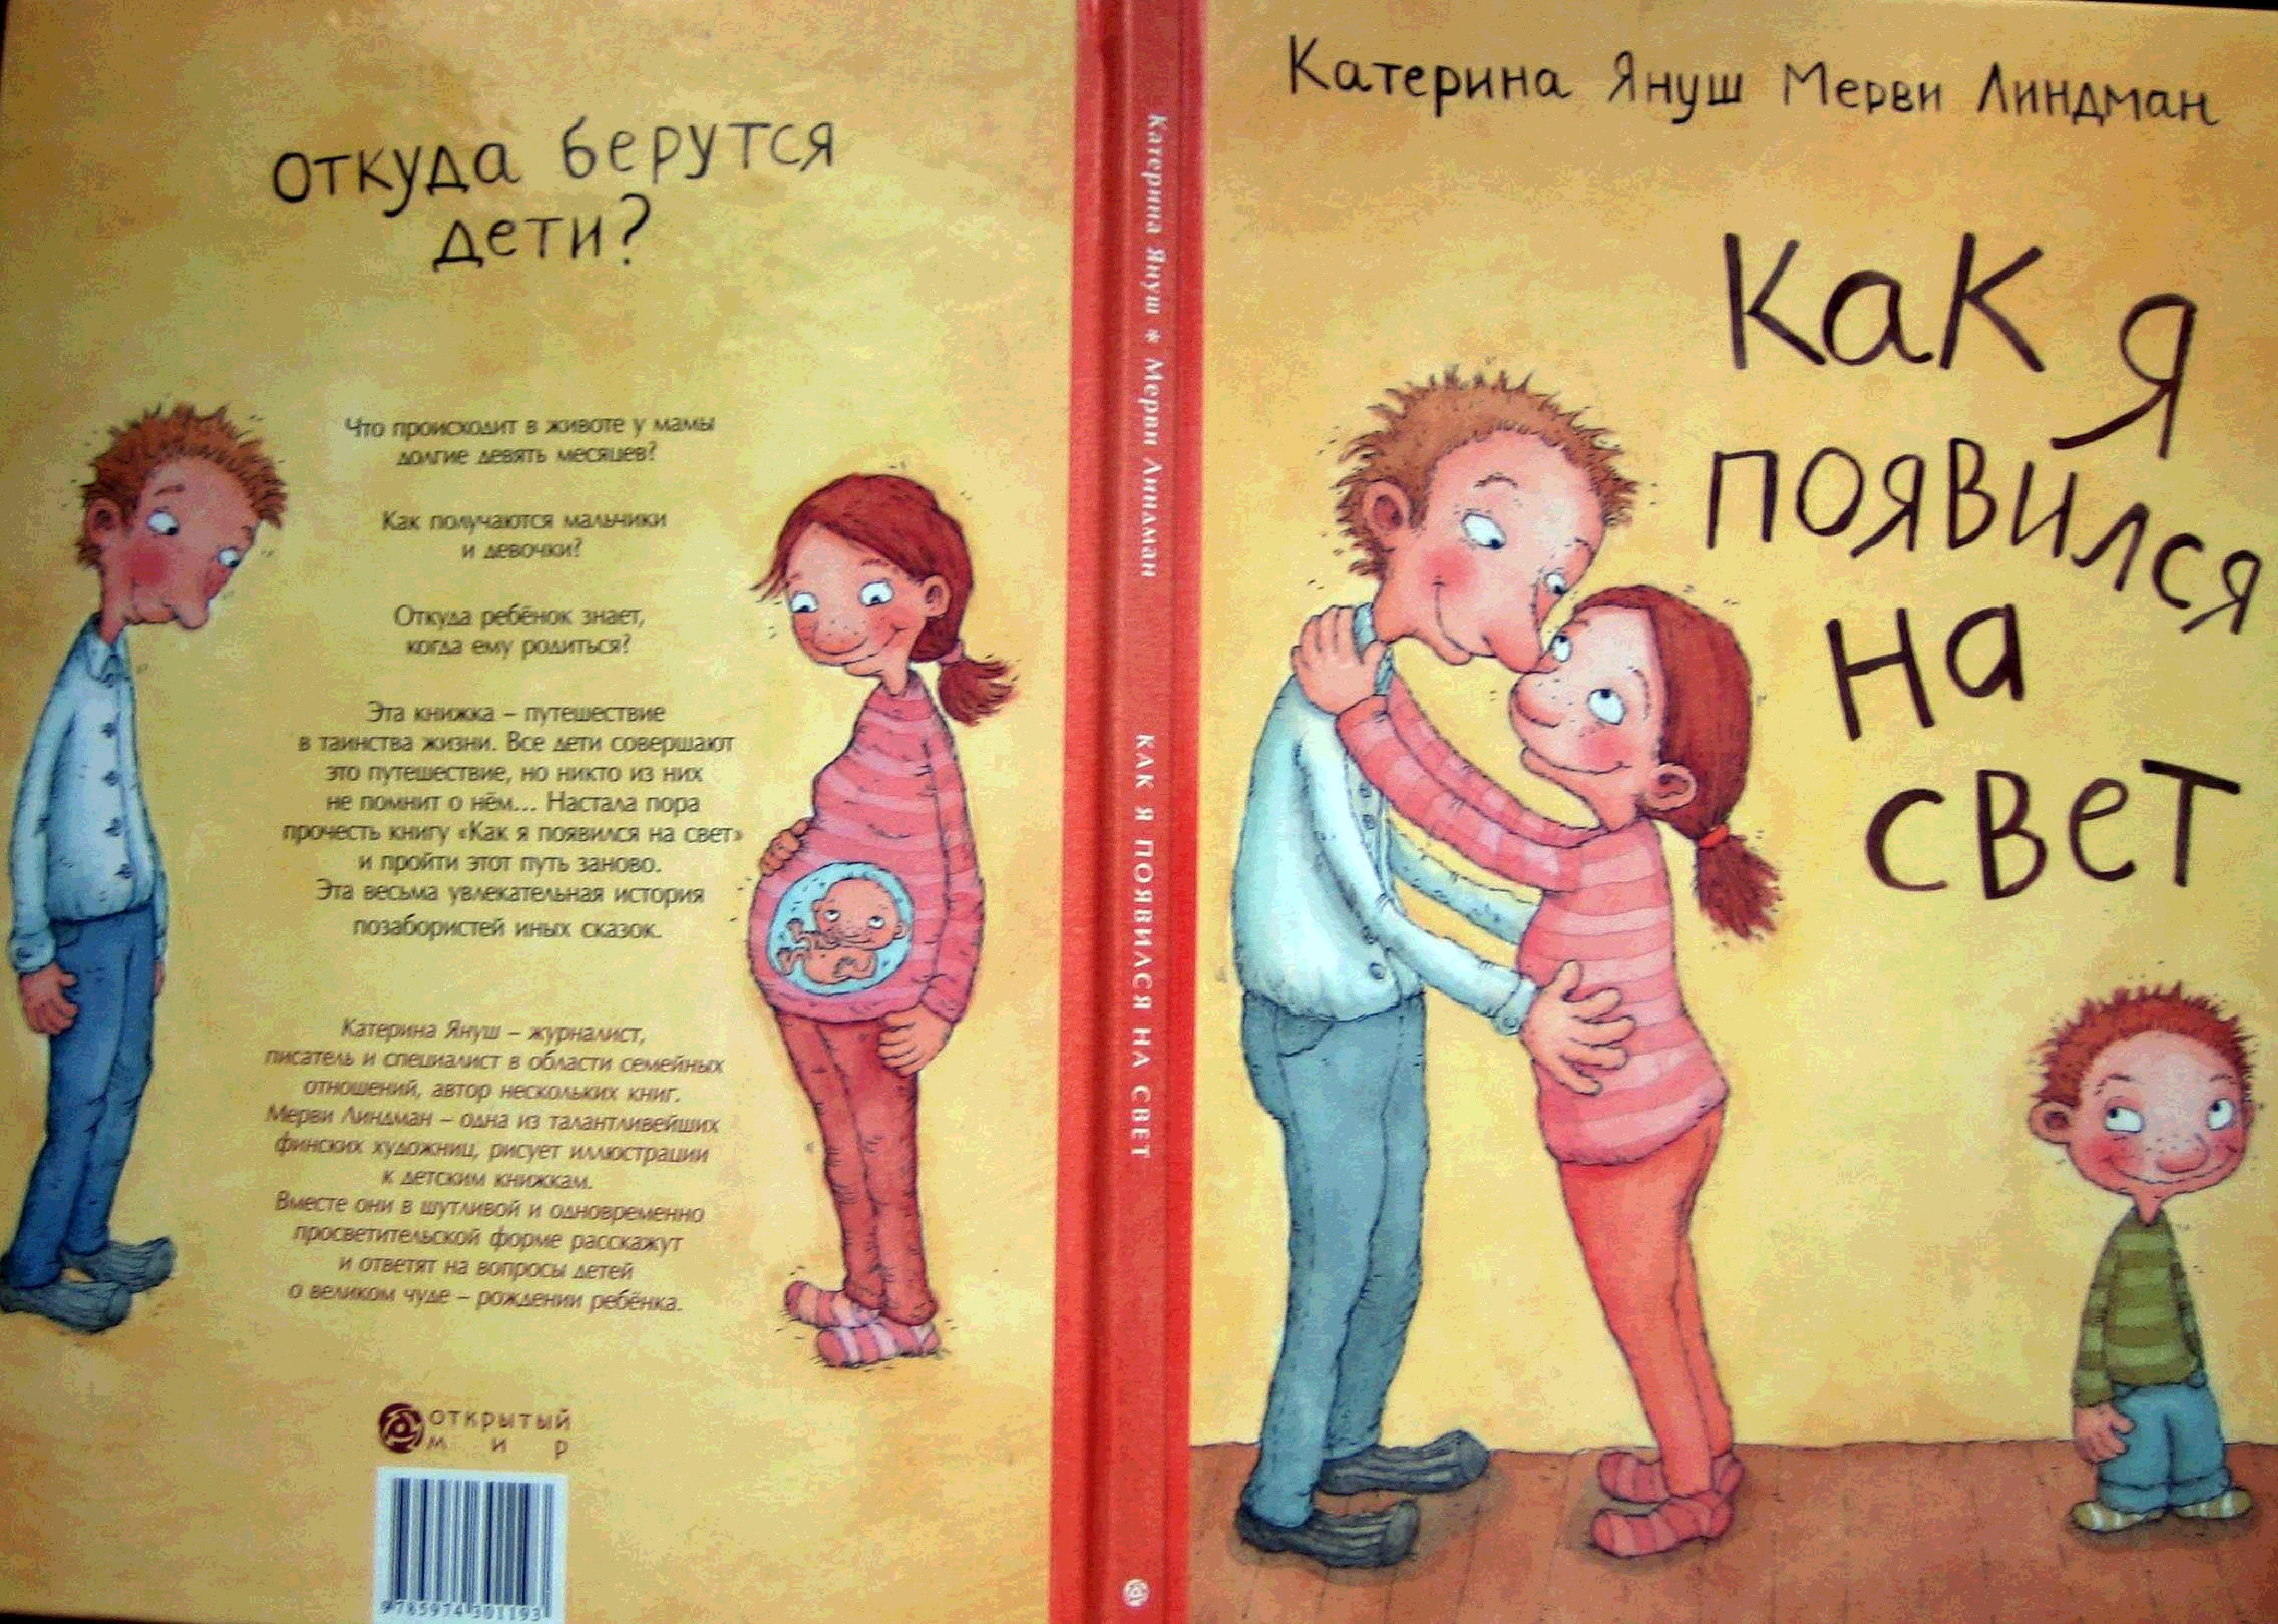 Детская сексология: как объяснить ребенку, что такое секс и откуда берутся дети